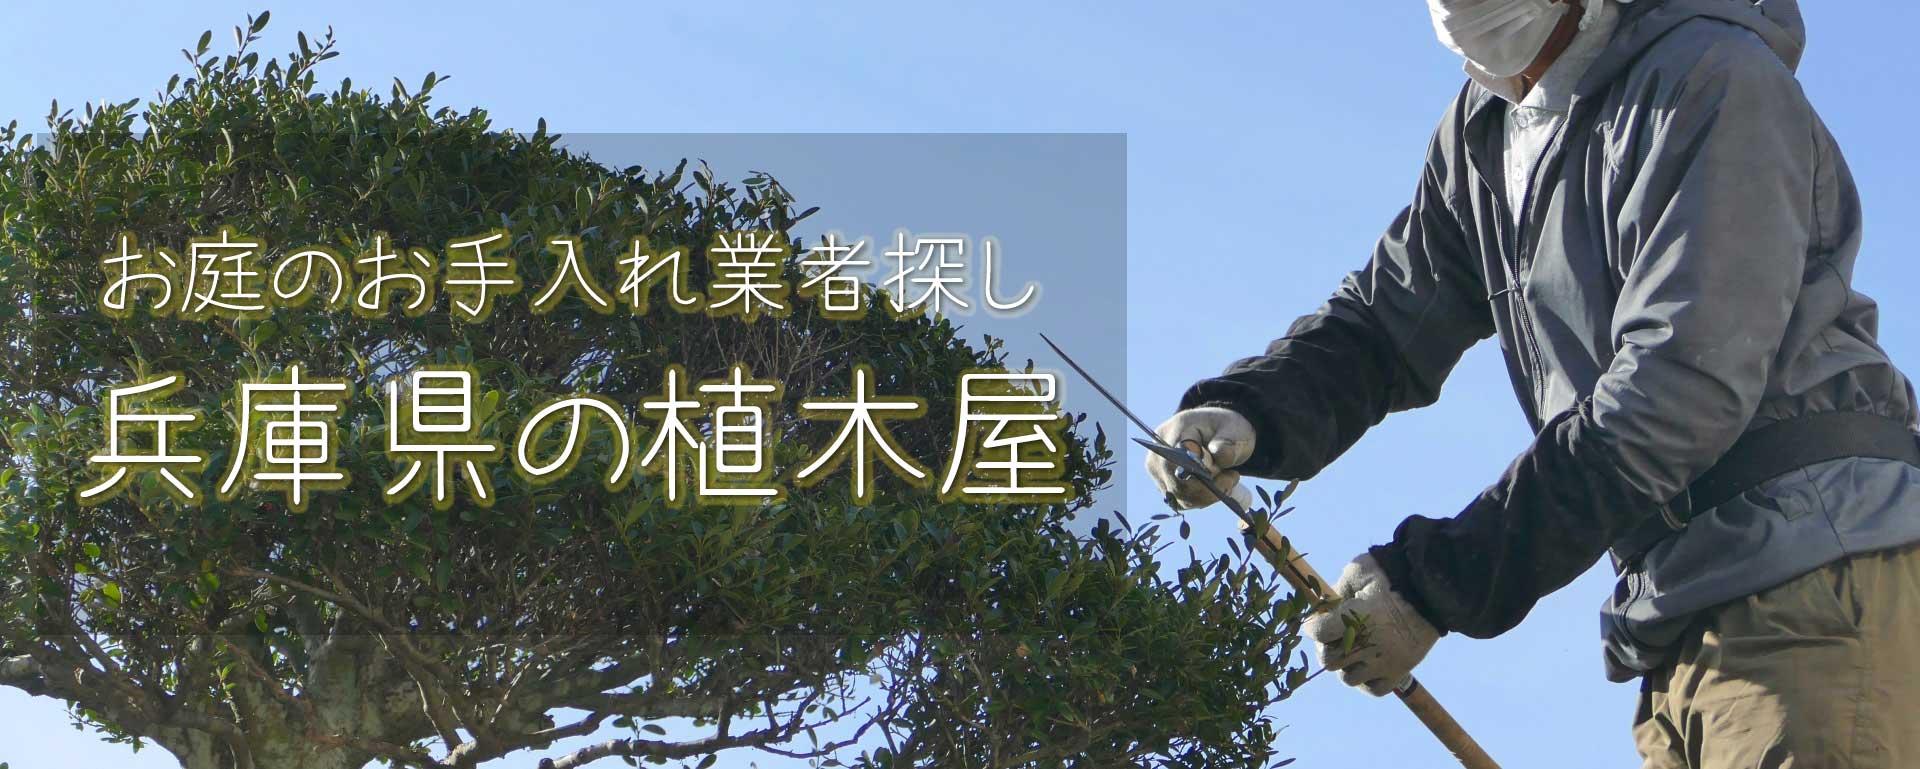 見積り無料の兵庫県の植木屋・業者によって料金はバラバラ